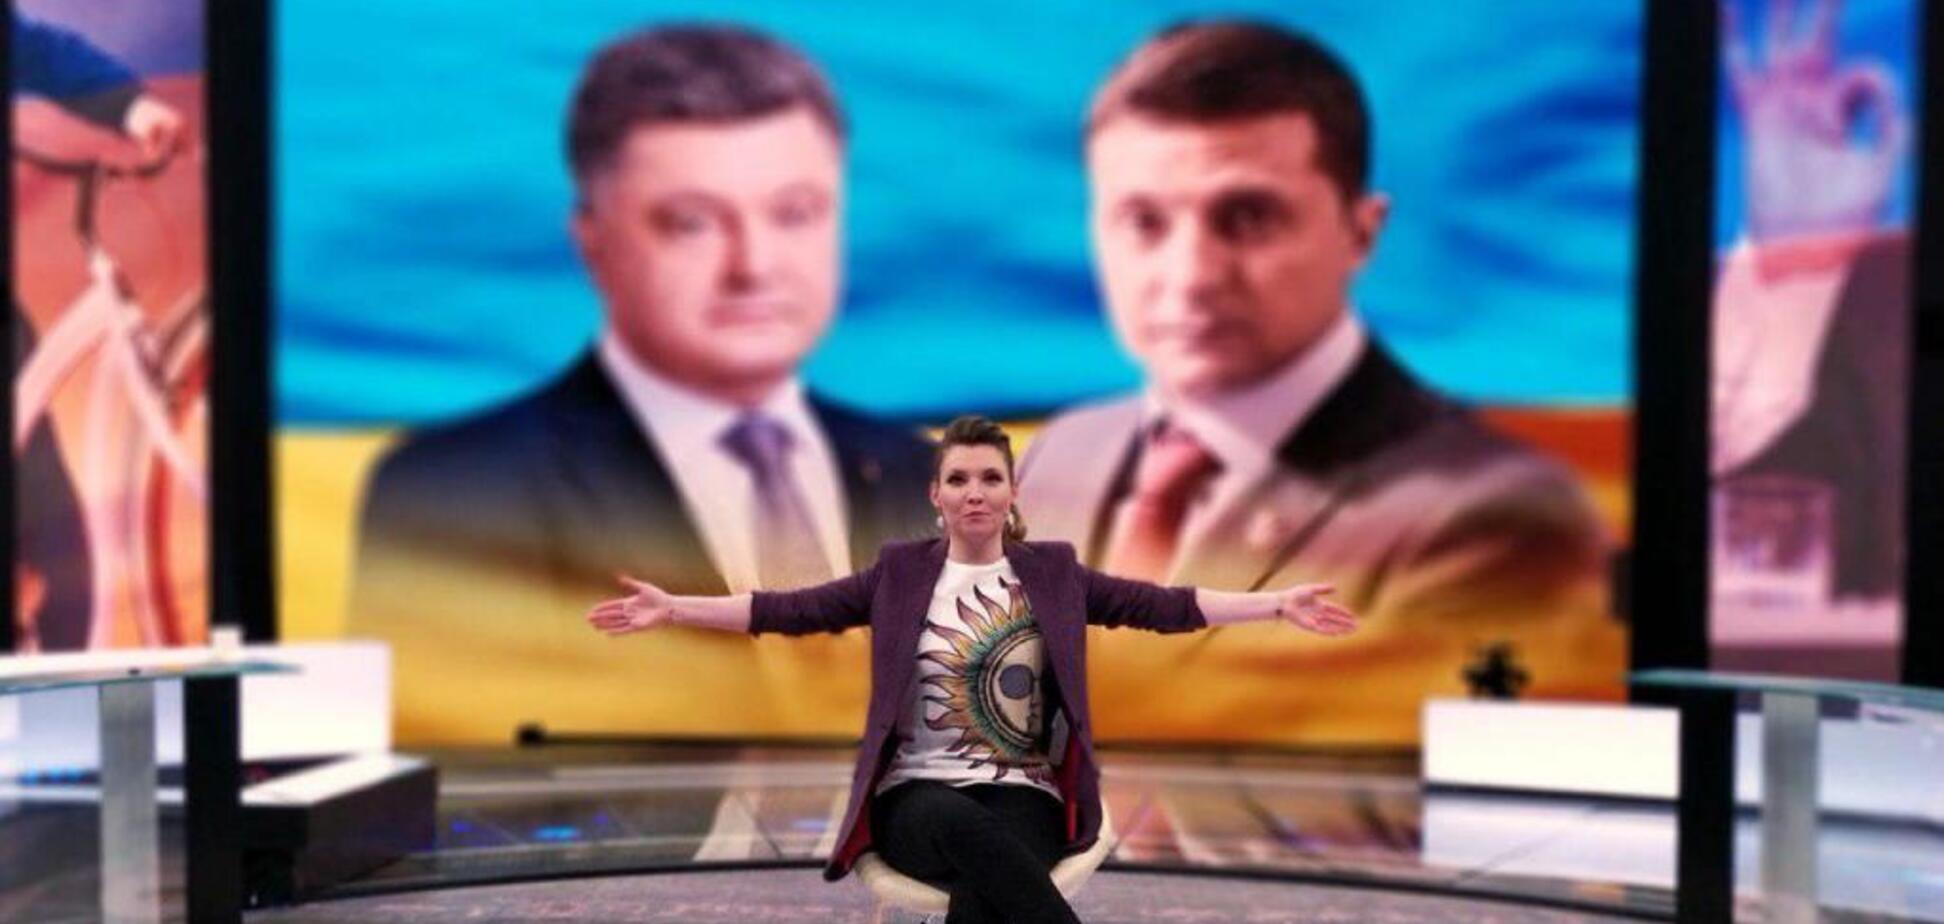 Поребрик News: в России взбесились из-за европейского вояжа Порошенко и Зеленского